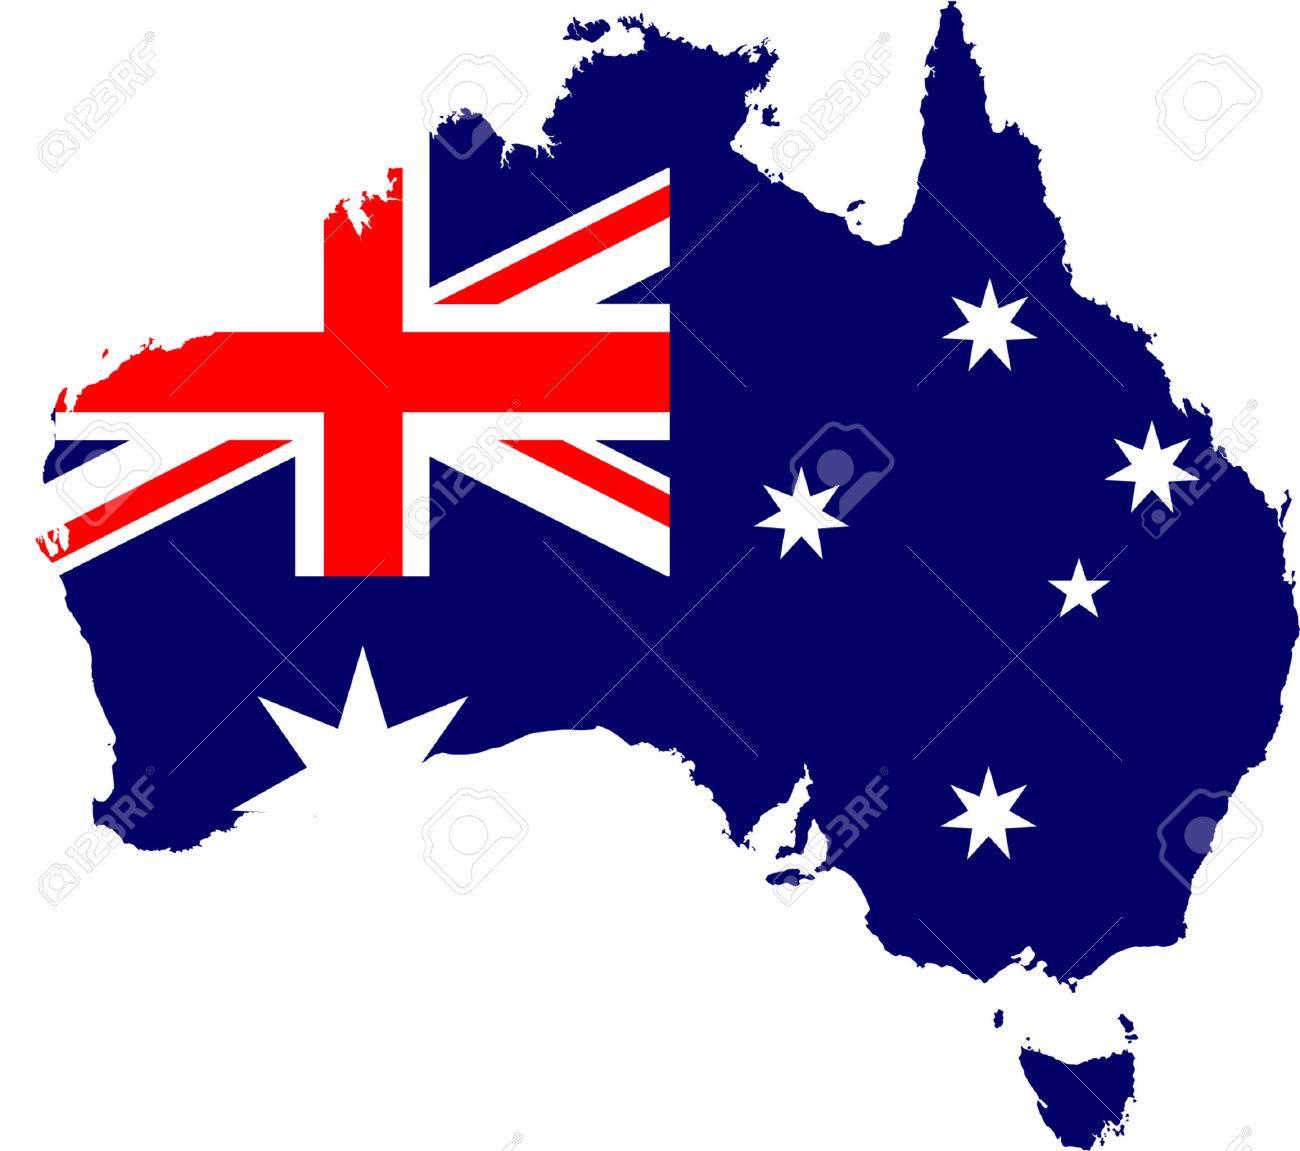 Carte Australie Drapeau.Australie Carte Et Le Drapeau Vecteur Isole En Couleurs Officielles